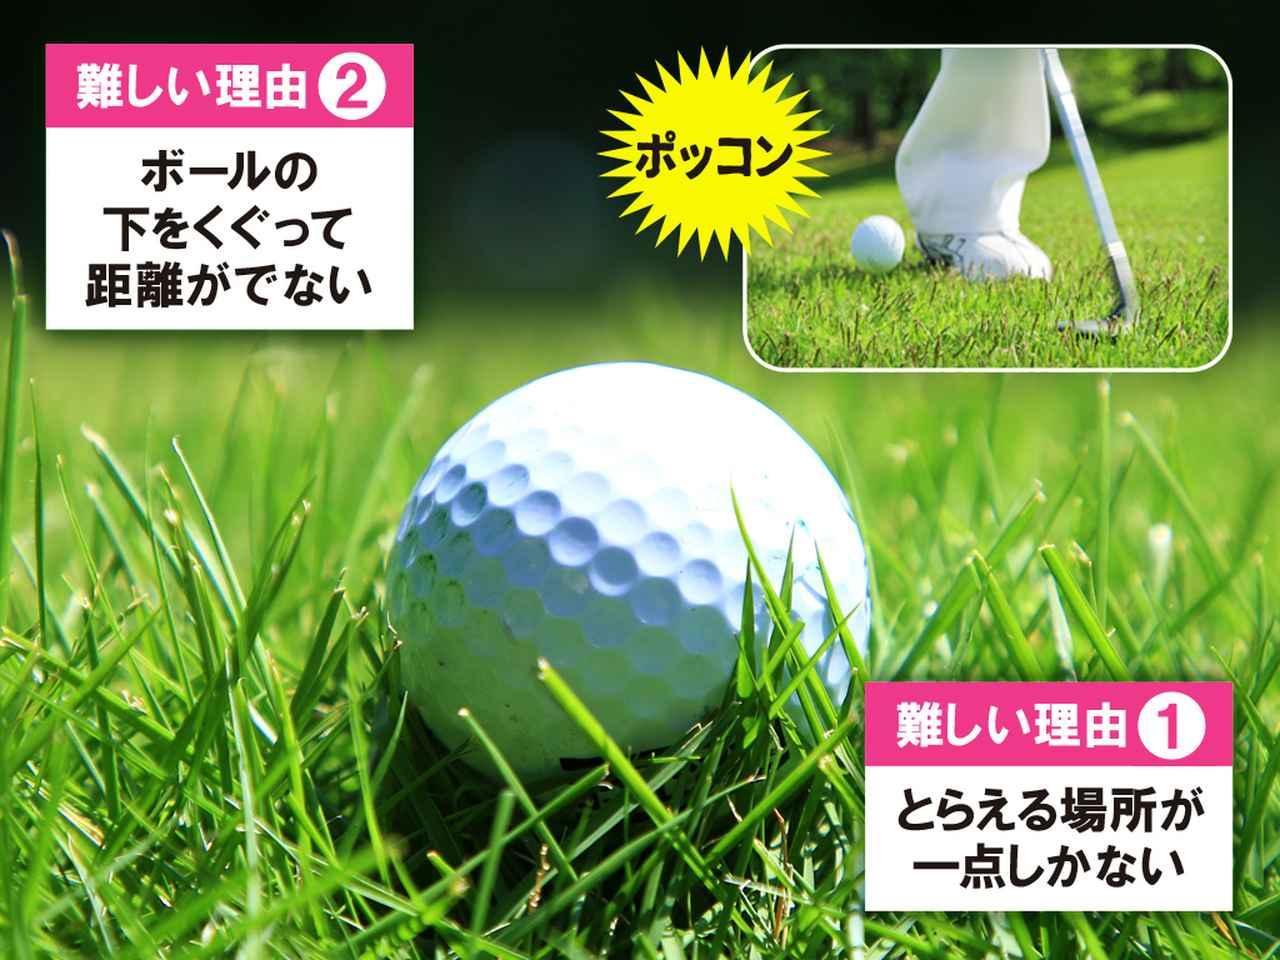 画像: 芝が長く密集していると、ラフの上に浮いて止まることがある。ティアップされた状態だが、アプローチに関 して言えばそれが難しくさせている原因